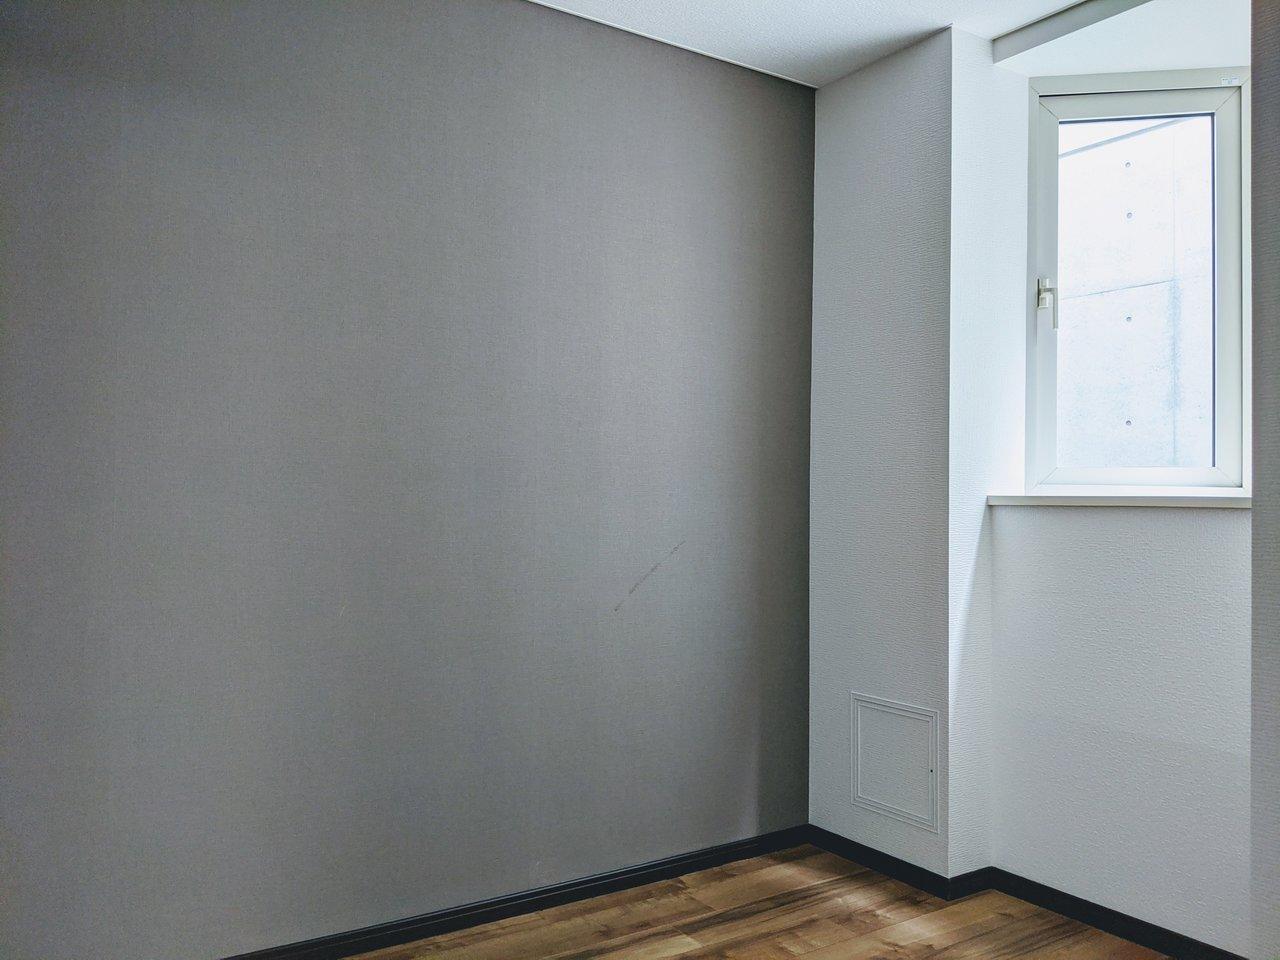 4畳の洋室は寝室に。落ち着いた色味のアクセントクロスがいいですね。お部屋には三角の出窓もありました。植物を置いたり、雑貨を飾ったり。あなた好みに仕上げてください。